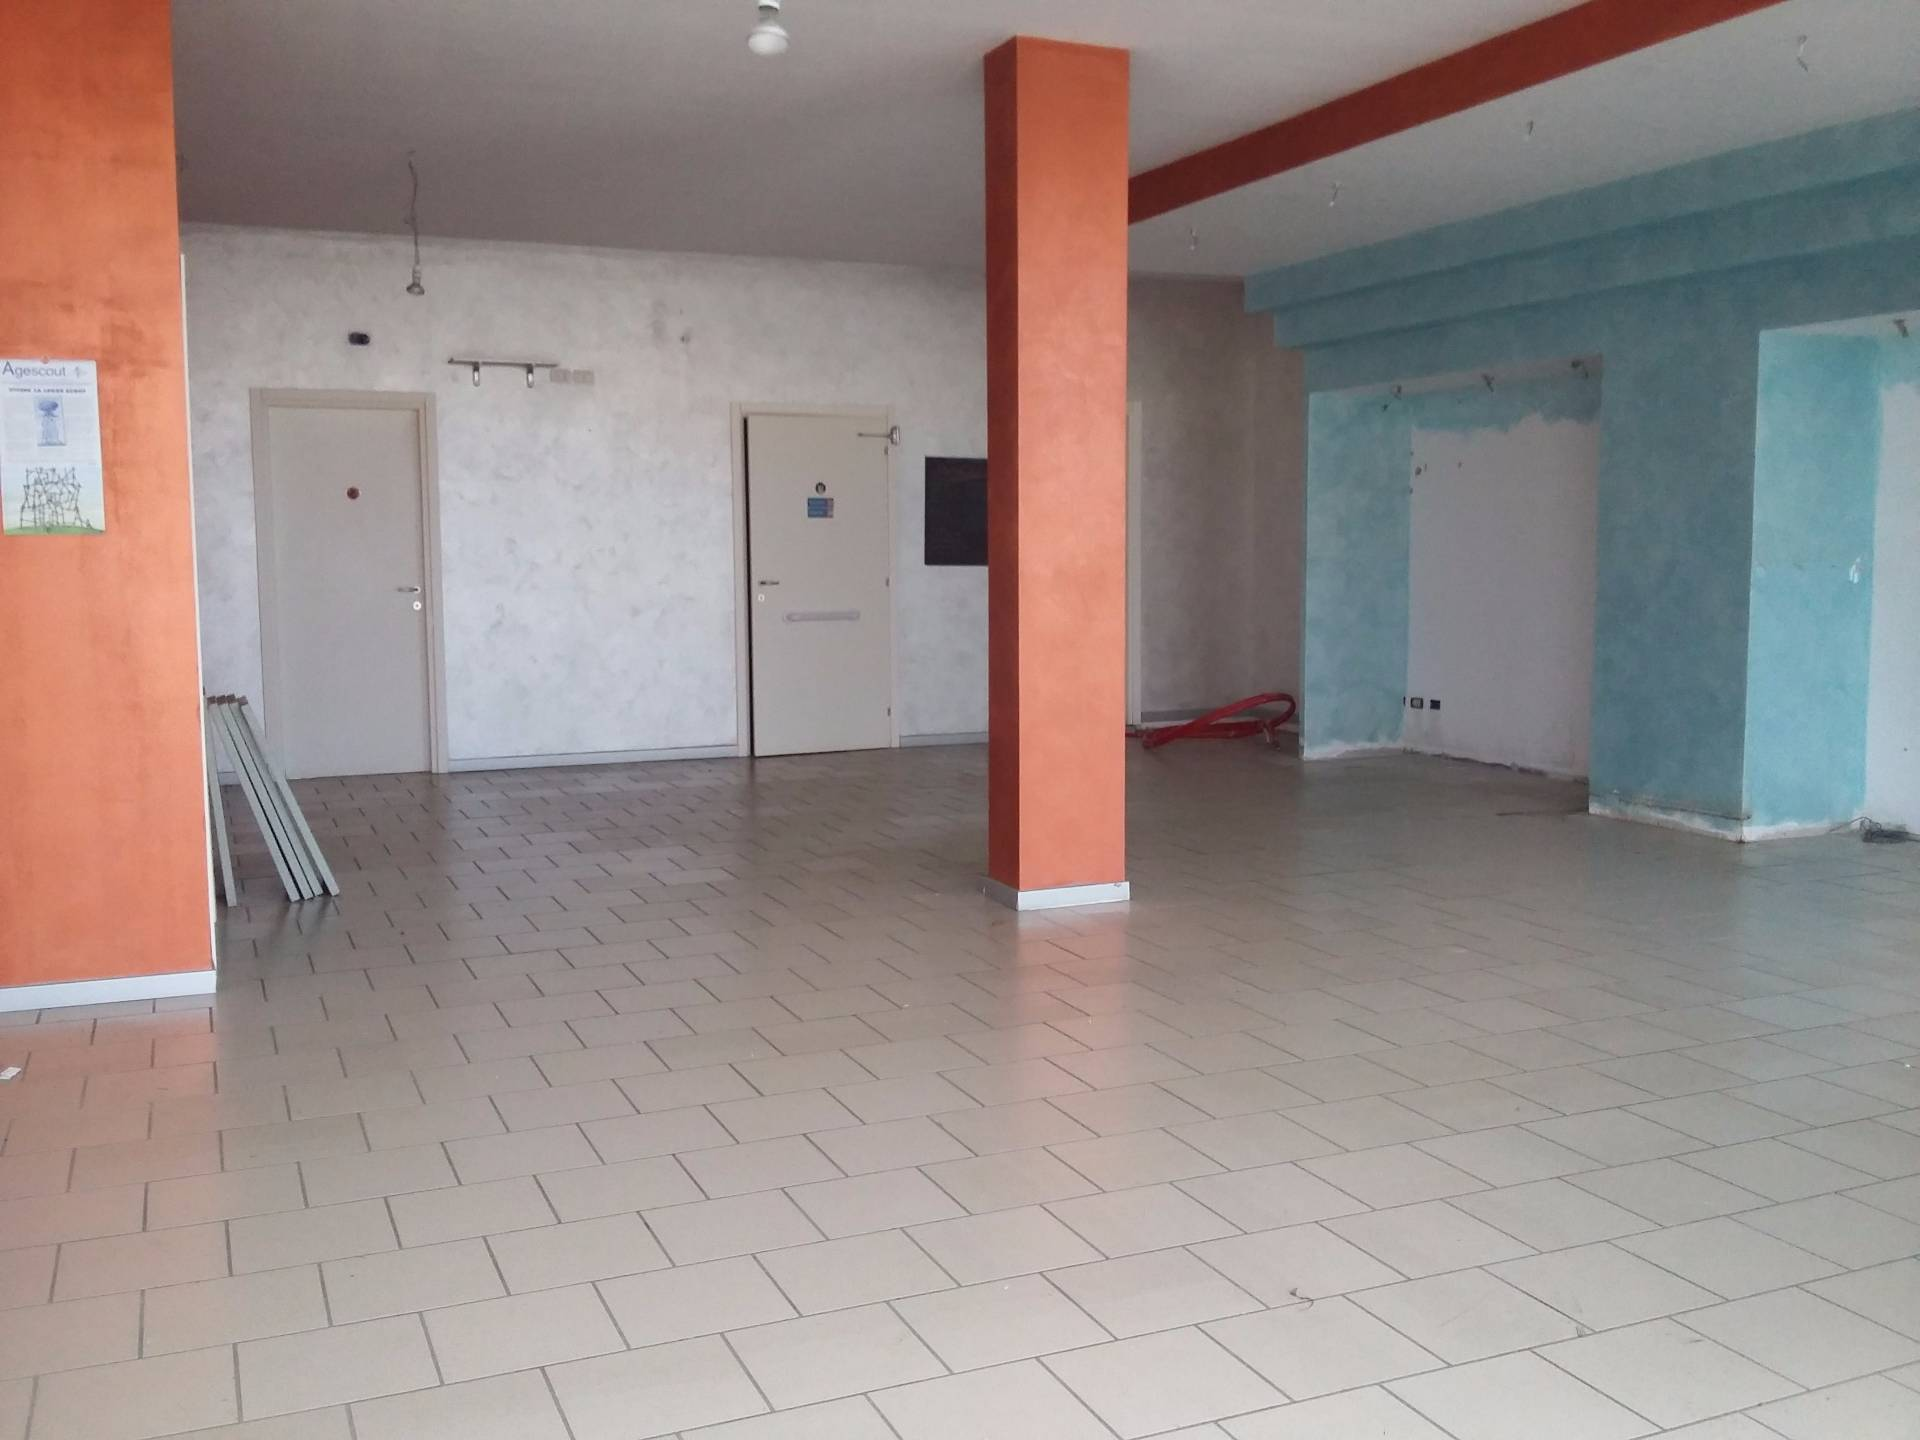 Attività / Licenza in affitto a Montaione, 9999 locali, zona Zona: Mura, prezzo € 700 | CambioCasa.it